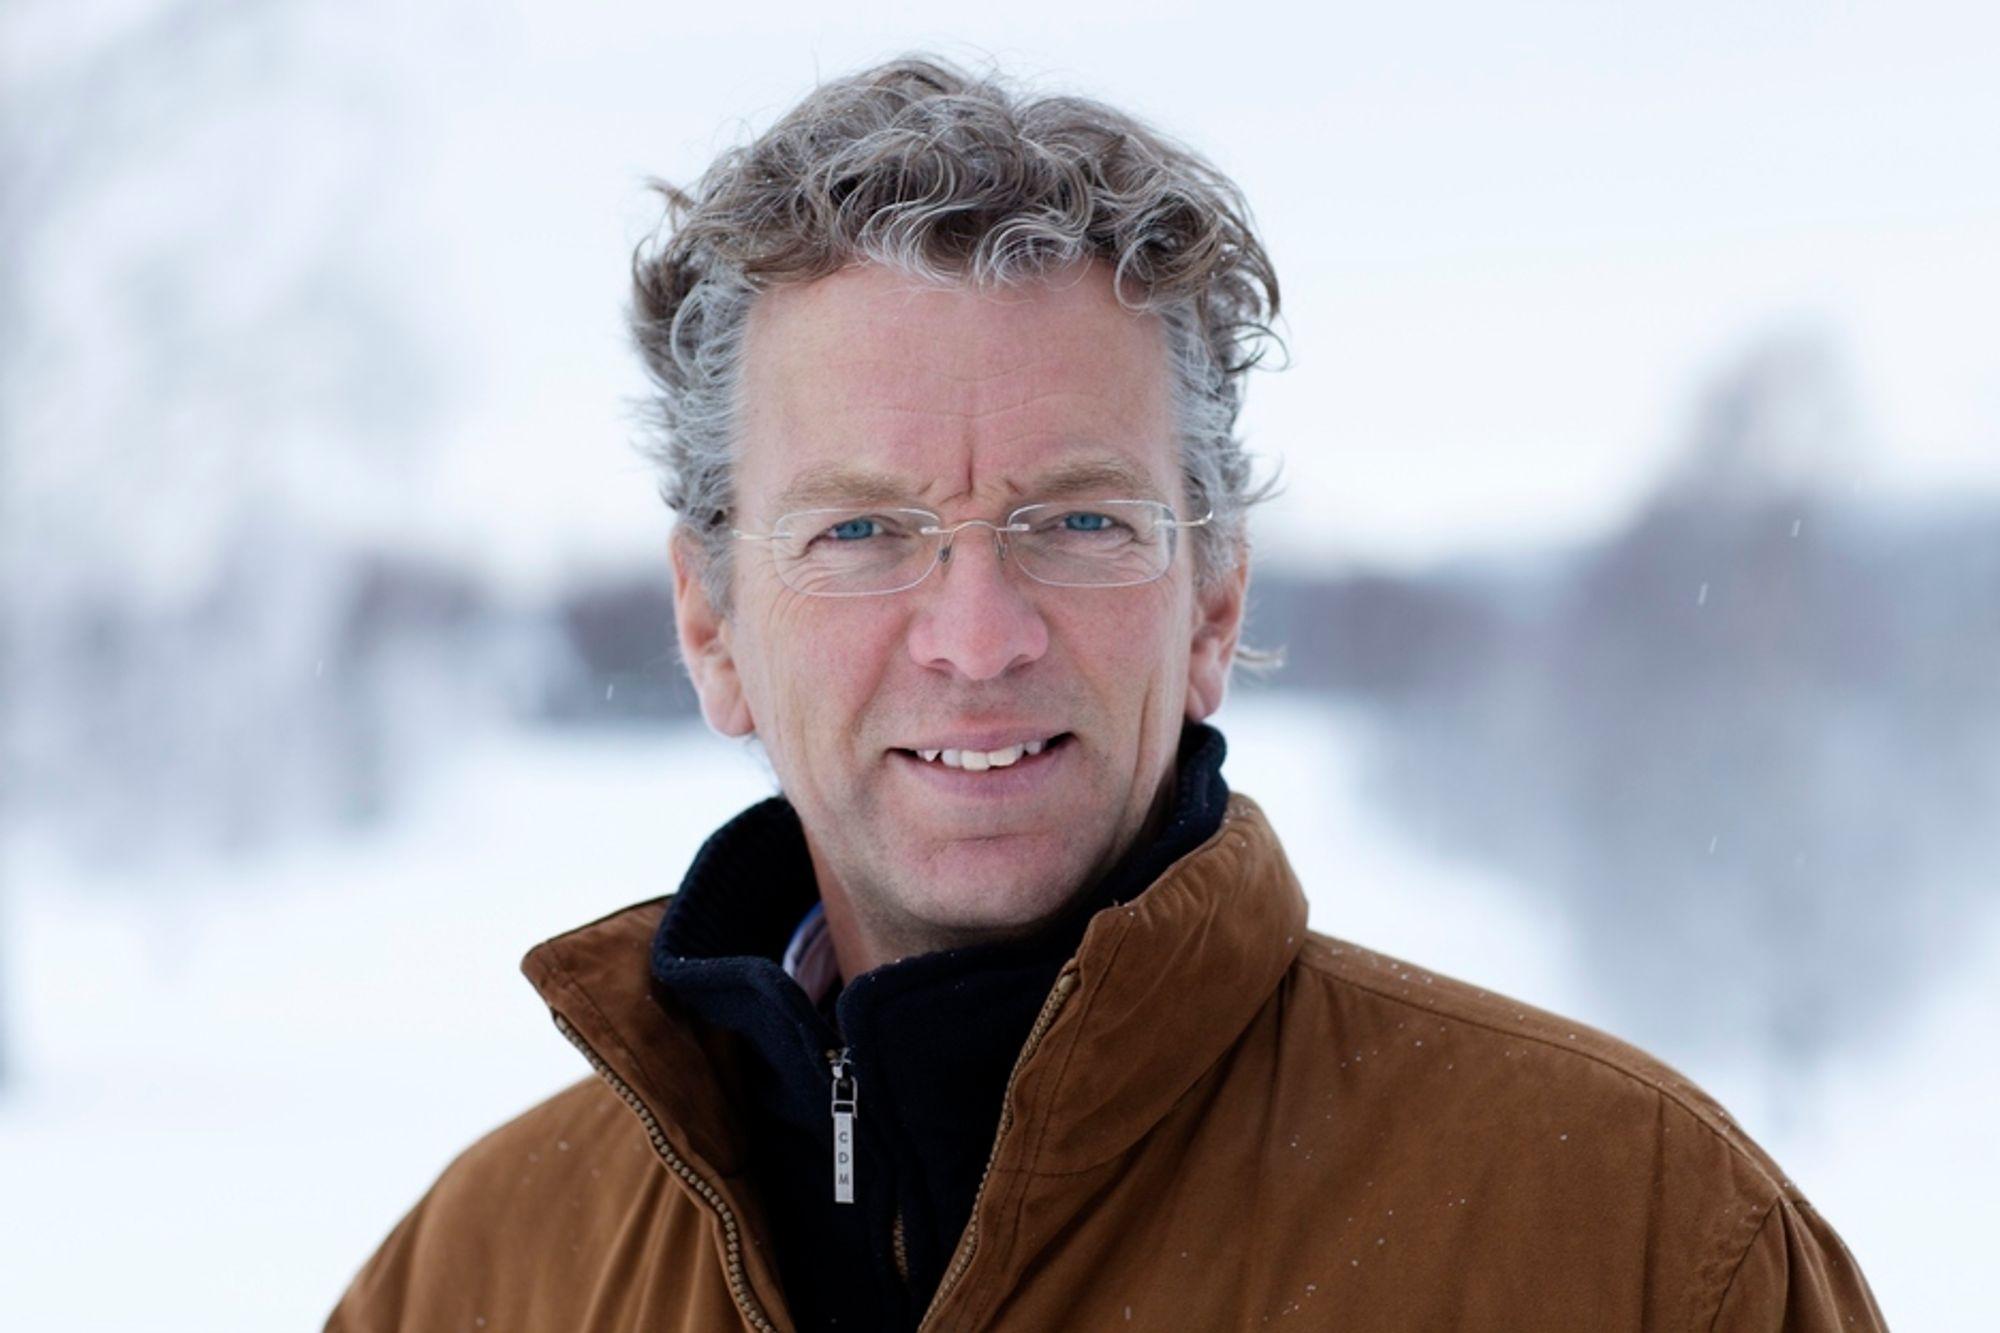 Statnetts konsernsjef Auke Lont vil ta initiativ til en analyse av hvordan det nordiske kraftmarkedet har reagert på kuldeperioden.